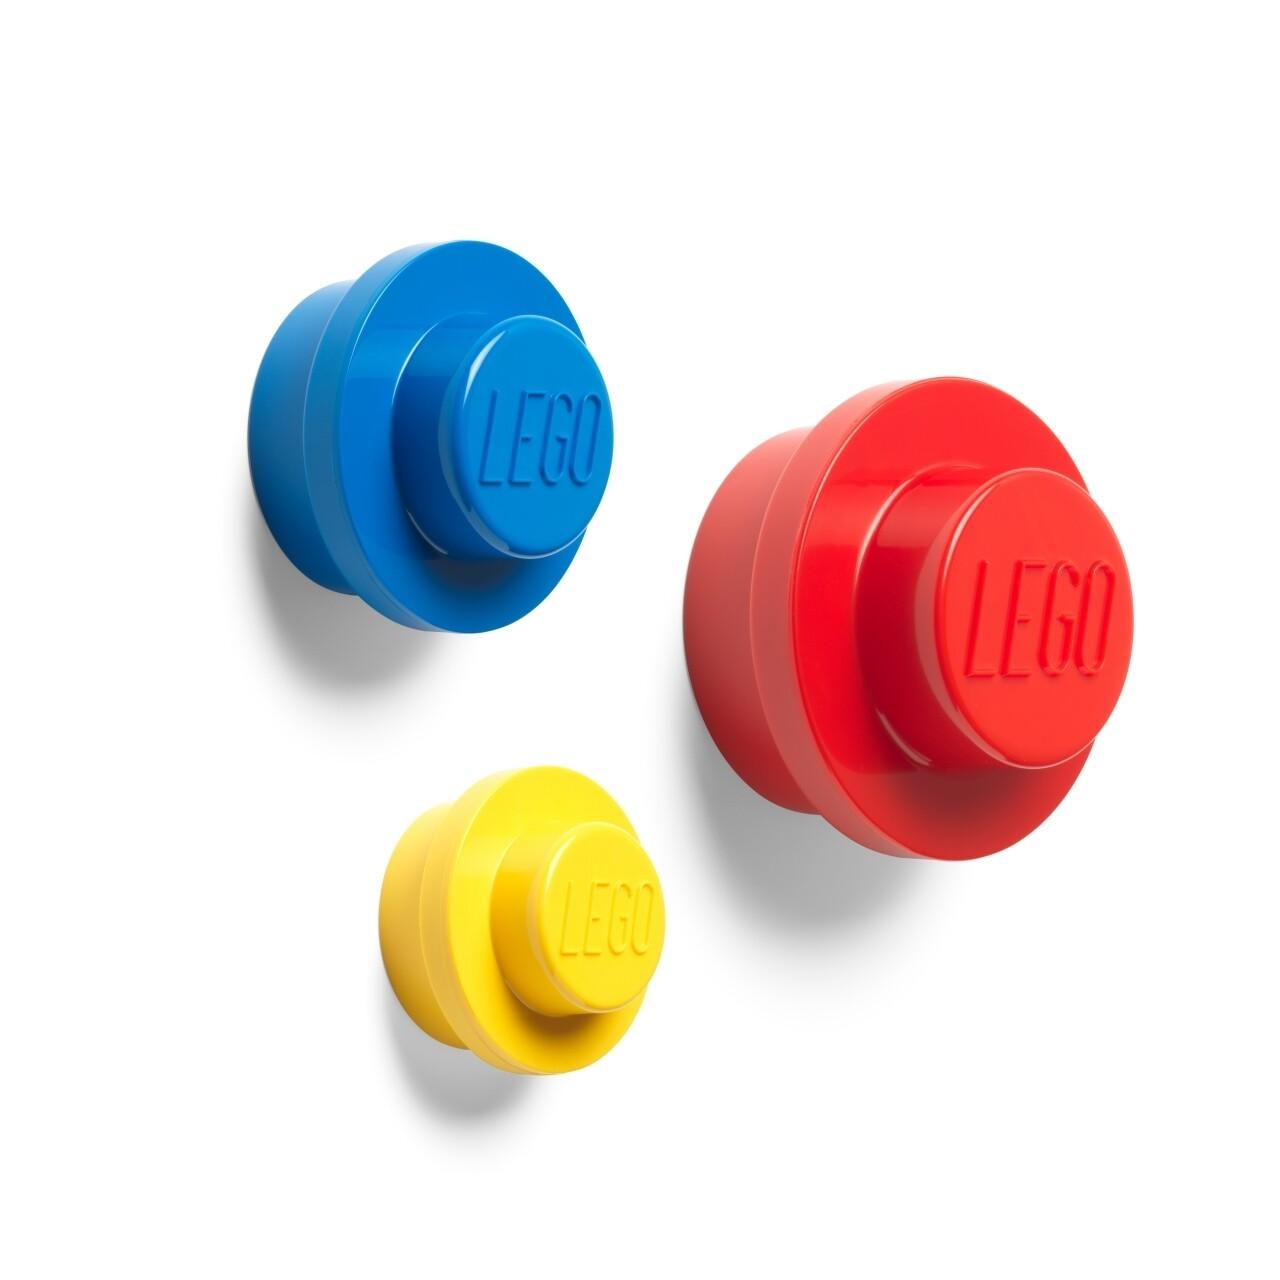 Set 3 carlige pentru perete LEGO, rosu/galben/albastru